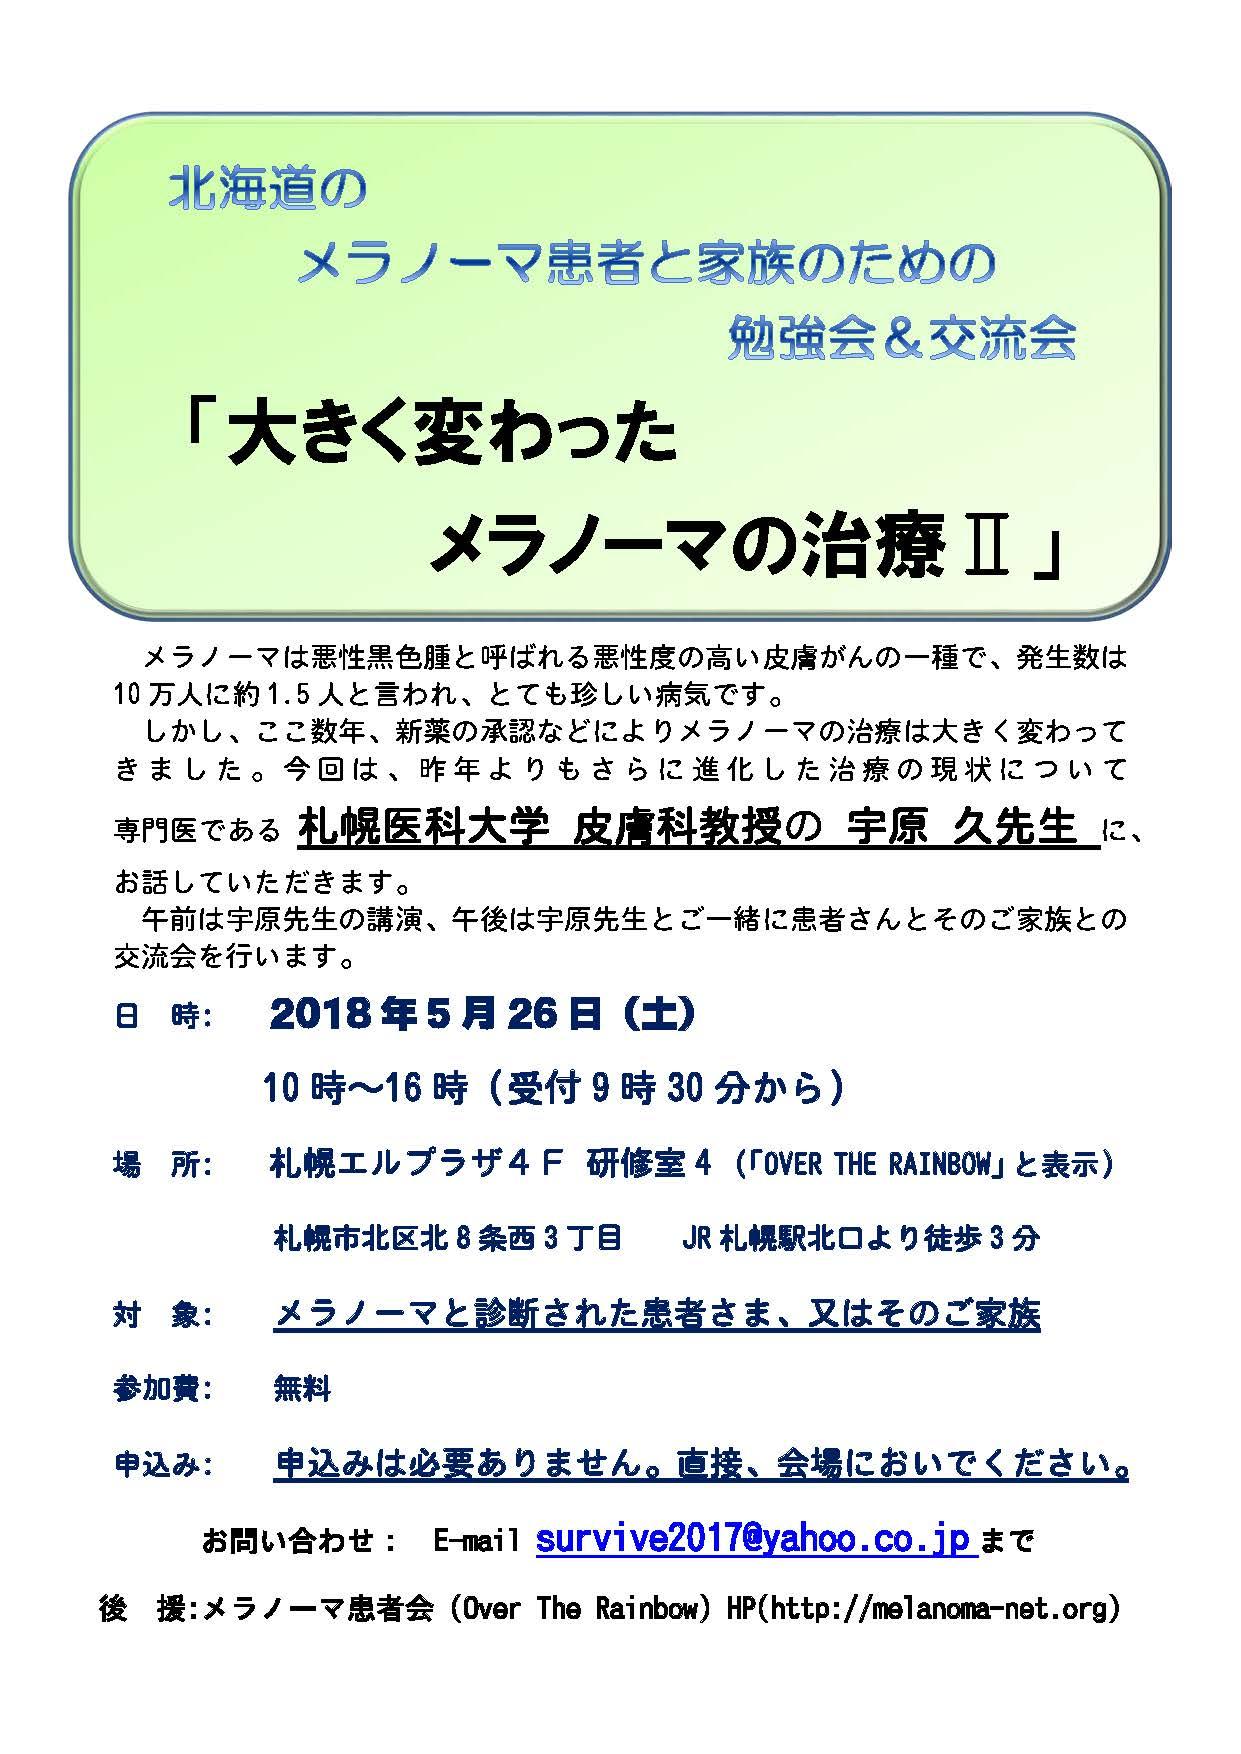 北海道のメラノーマ患者と家族のための勉強会&交流会のお知らせ